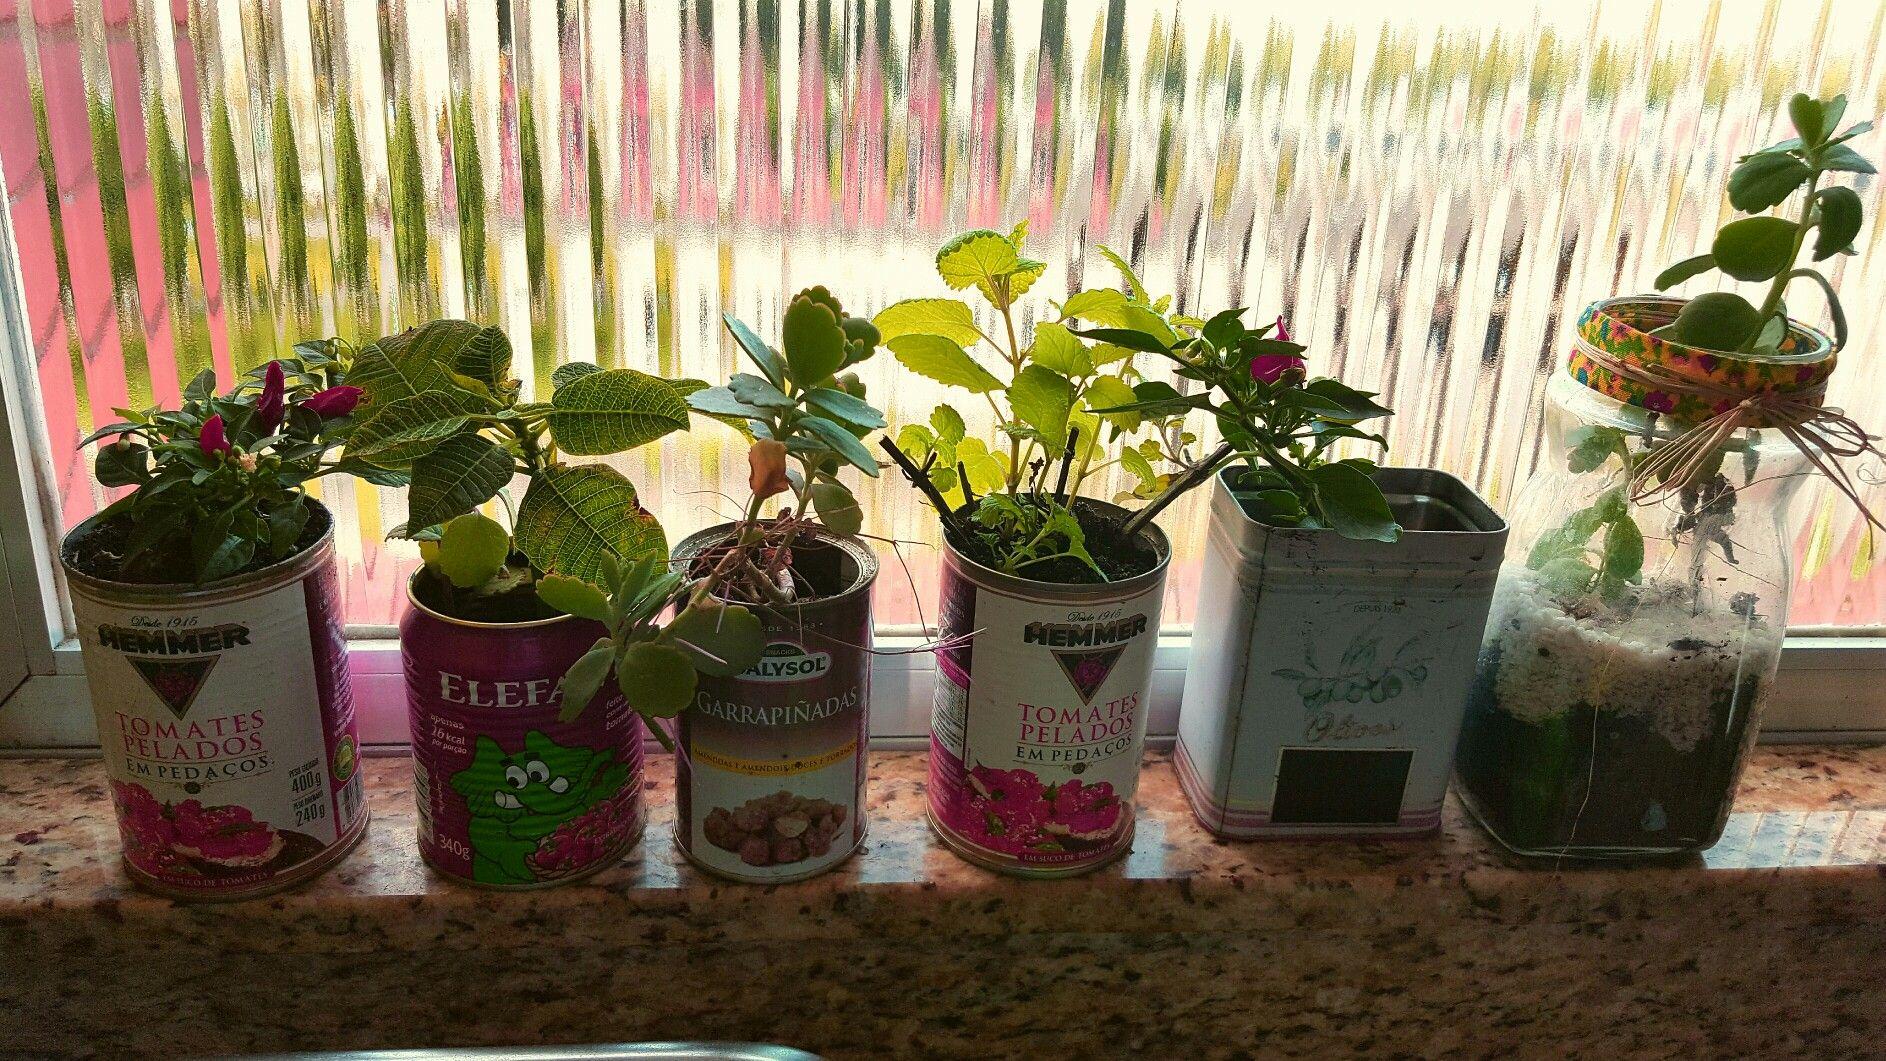 Recicle reutilize plantas enlatadas!